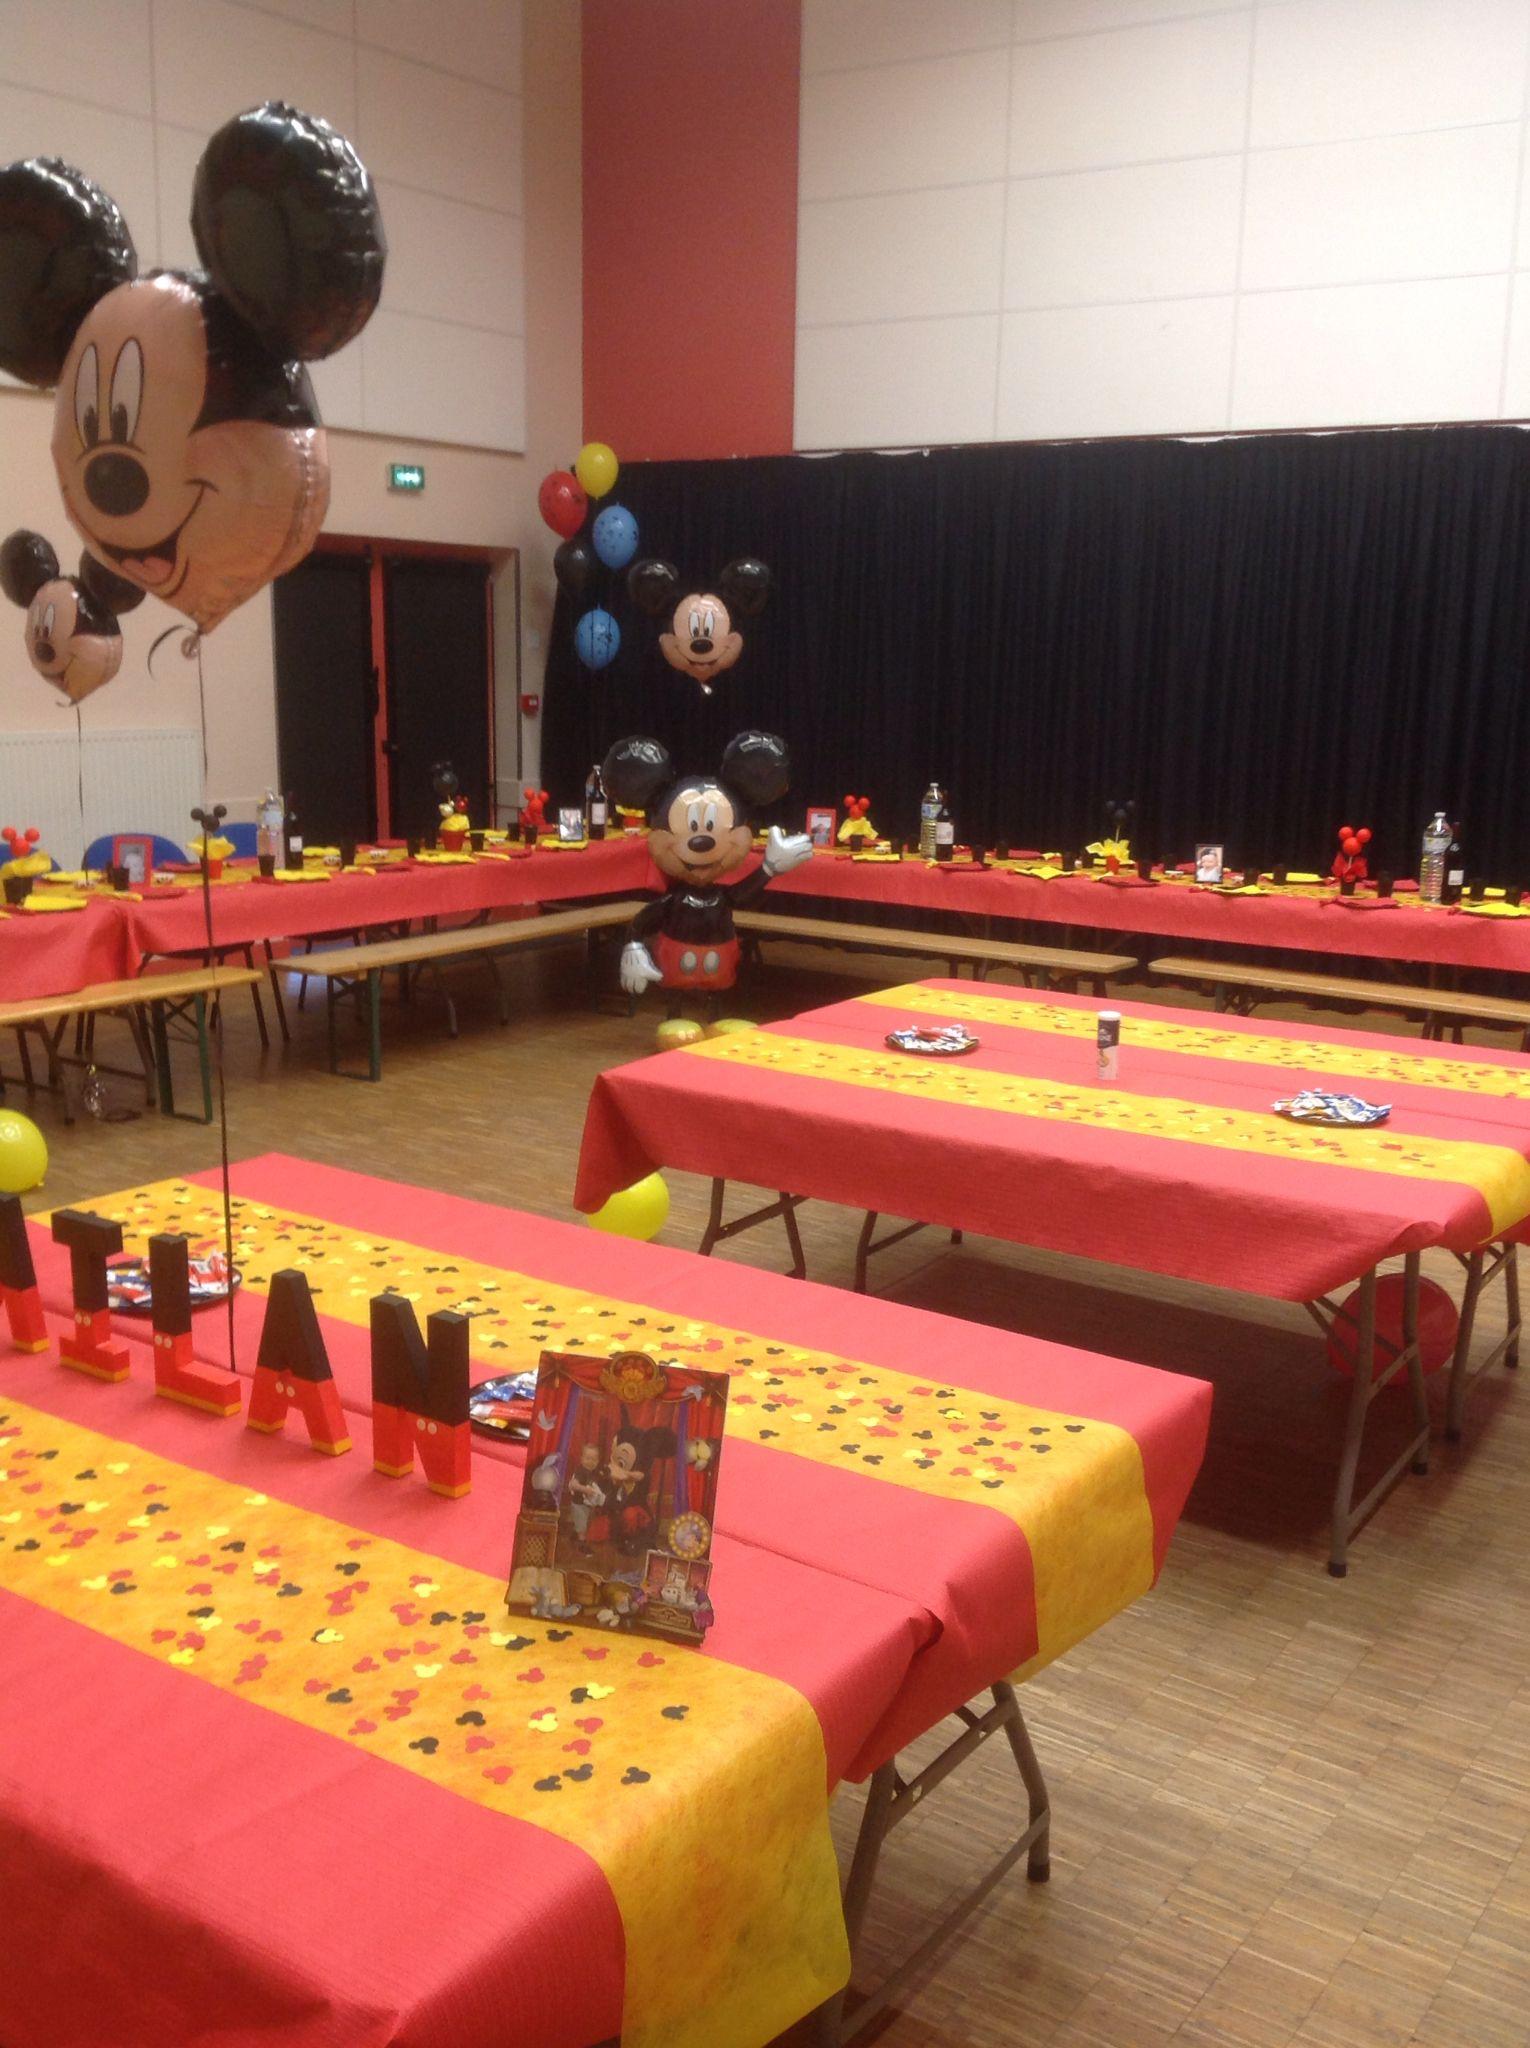 Deco table mickey mouse party d coration bapt me anniversaire pinterest deco et table - Decoration mickey pour bapteme ...